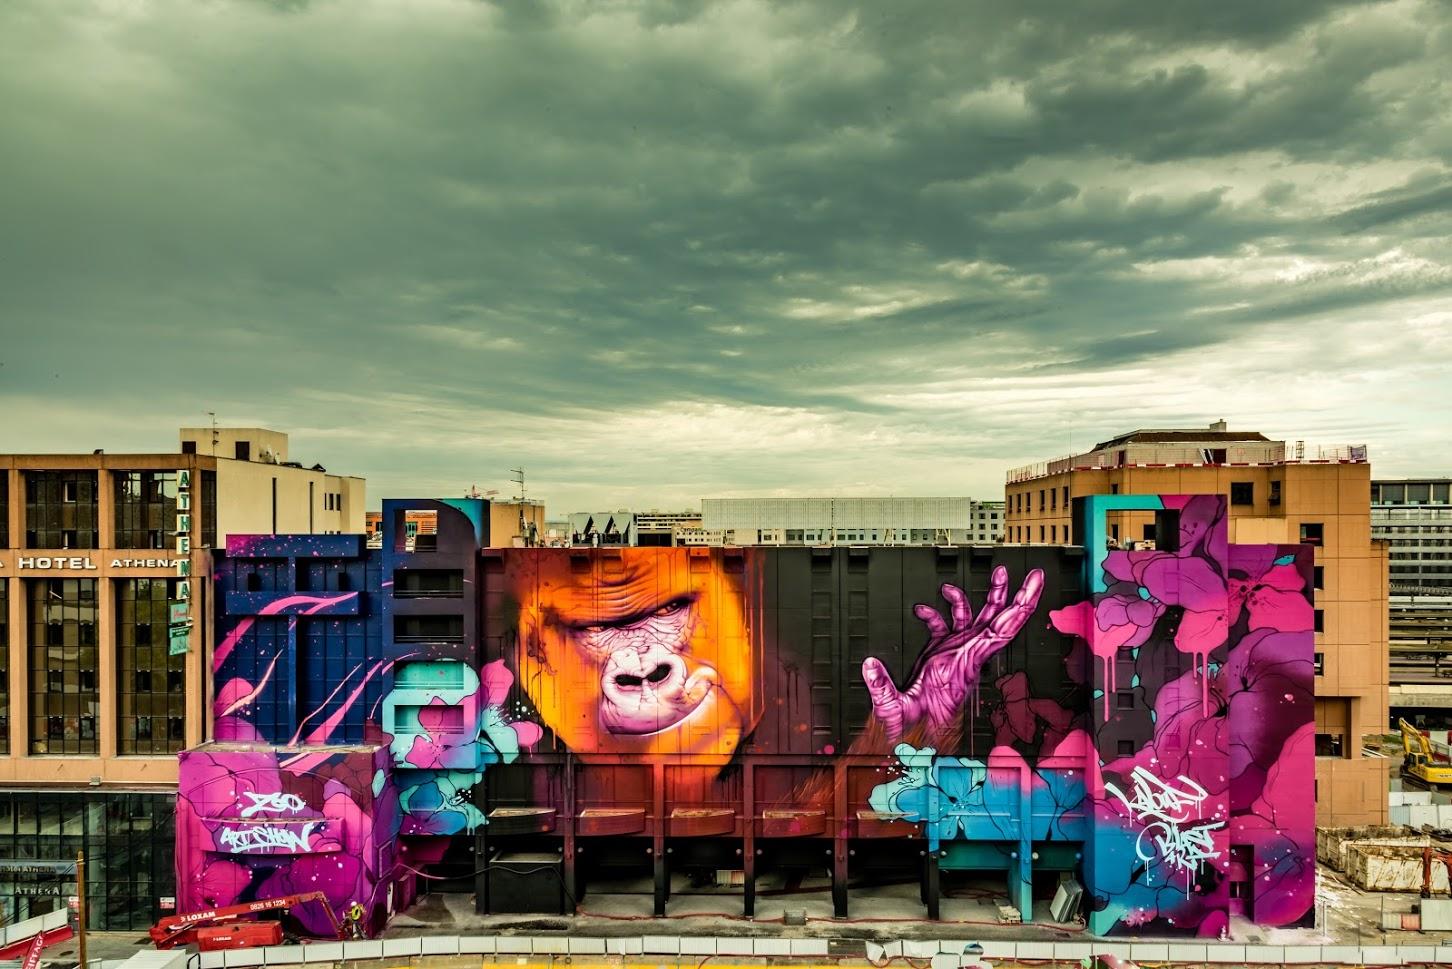 Fresque muralisme street art représentant un singe et des fleurs